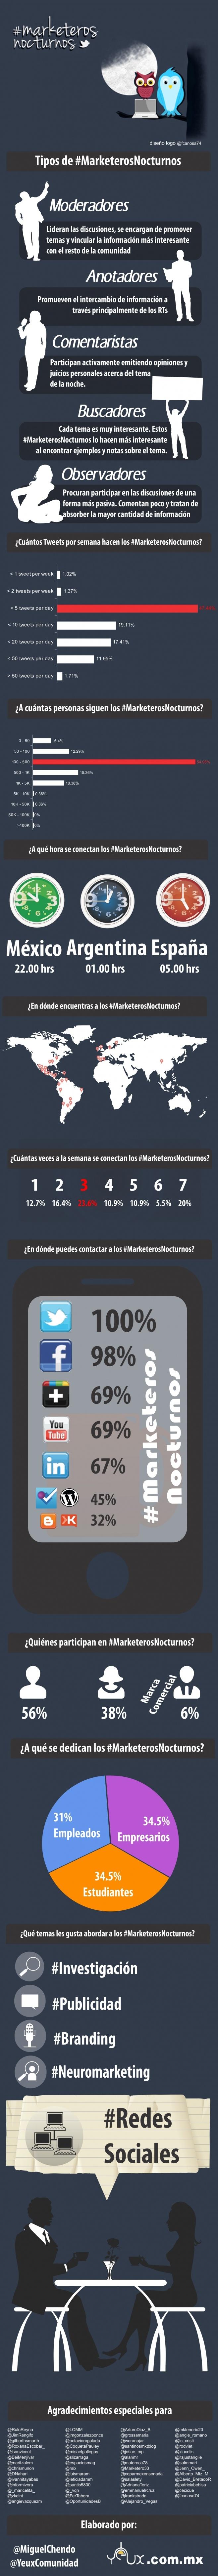 Infografía en español que responde ala pregunta ¿Qué son los Marketeros Nocturnos?